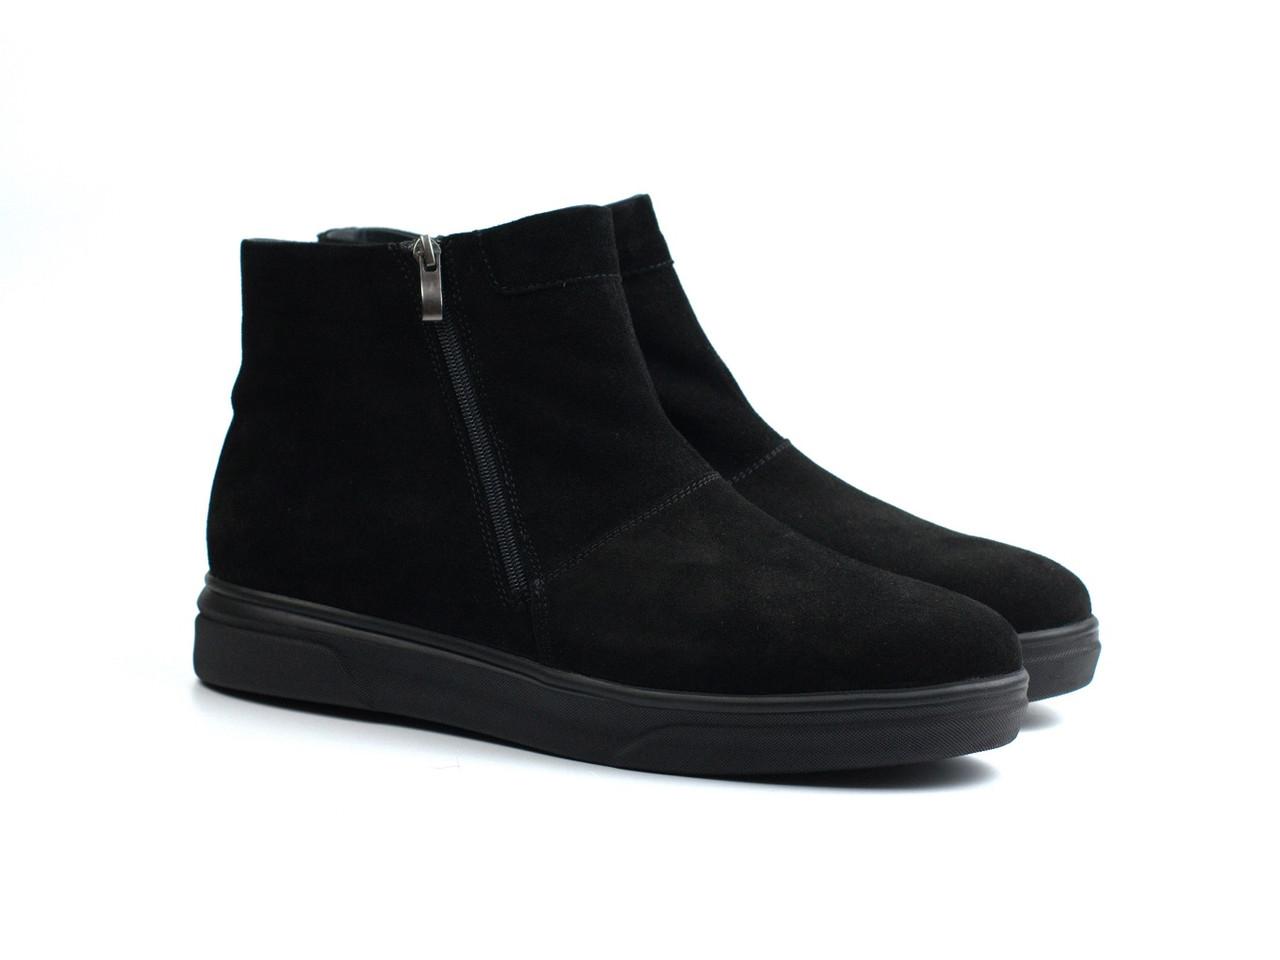 Зимние ботинки нубуковые угги на меху мужская обувь Rosso Avangard Y-G Black Night Vel